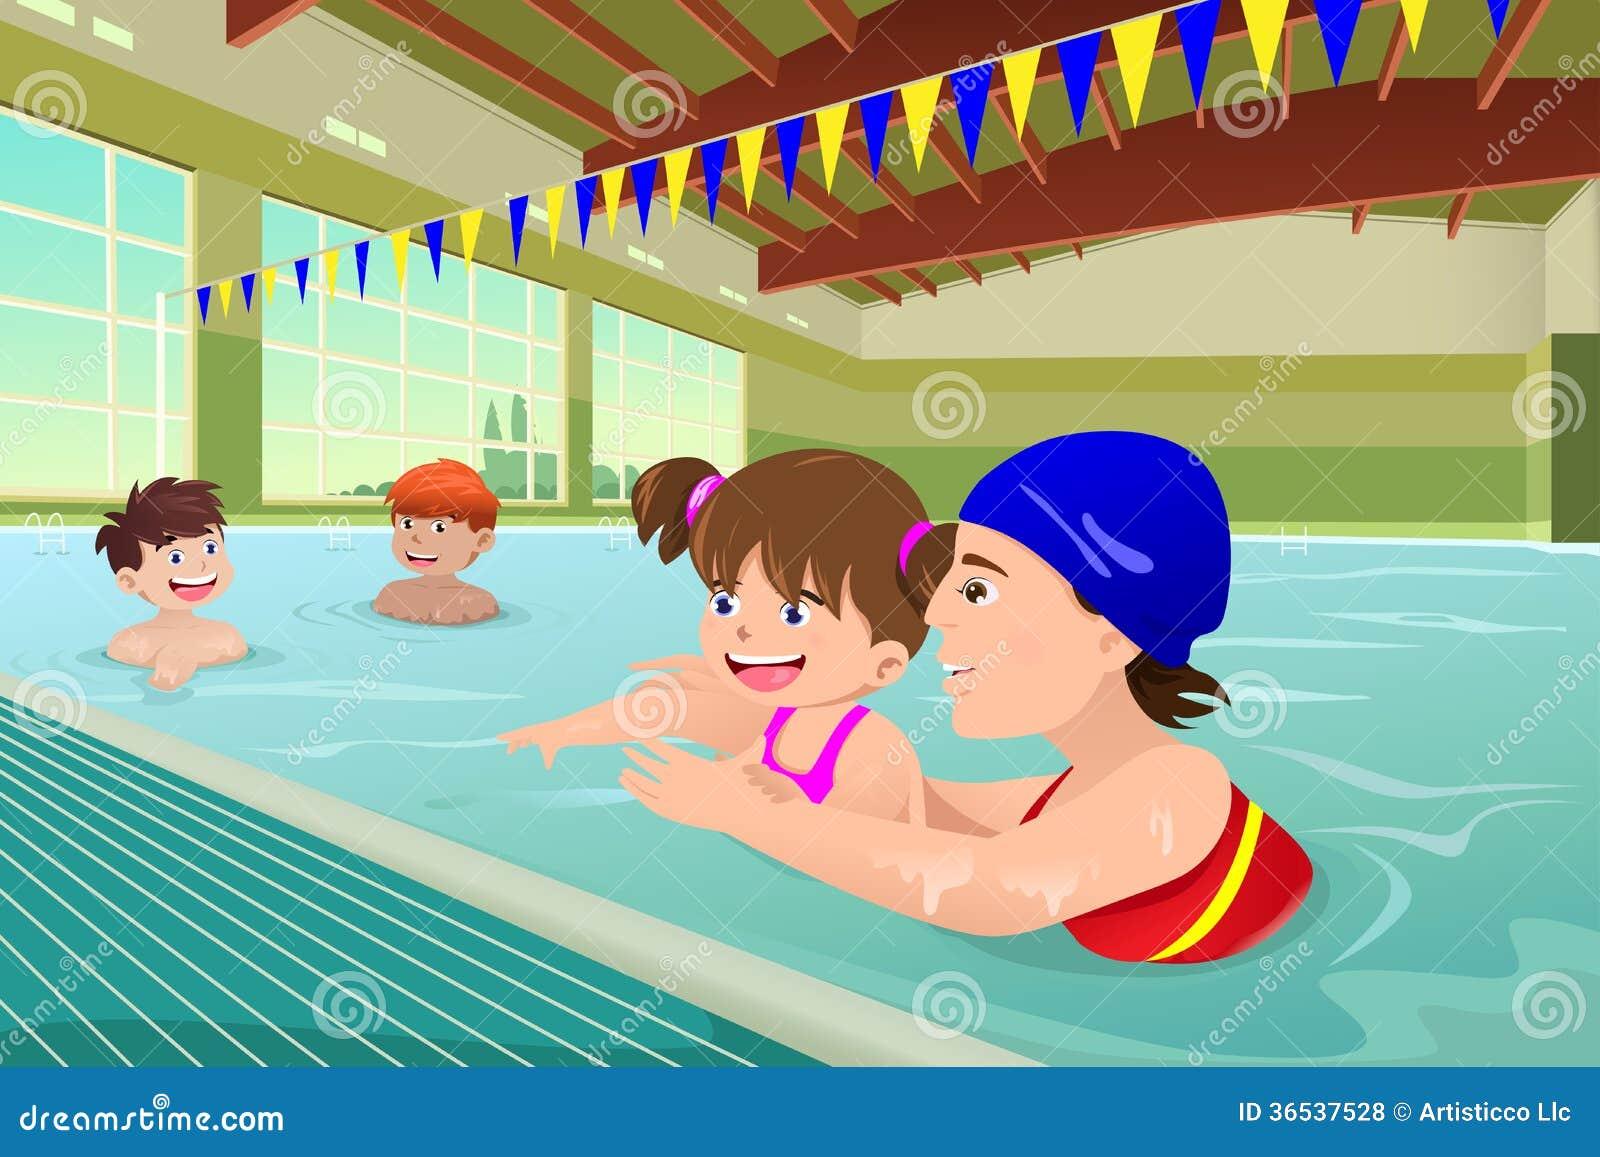 Enfants ayant une le on de natation dans la piscine d for Apprendre a plonger dans une piscine